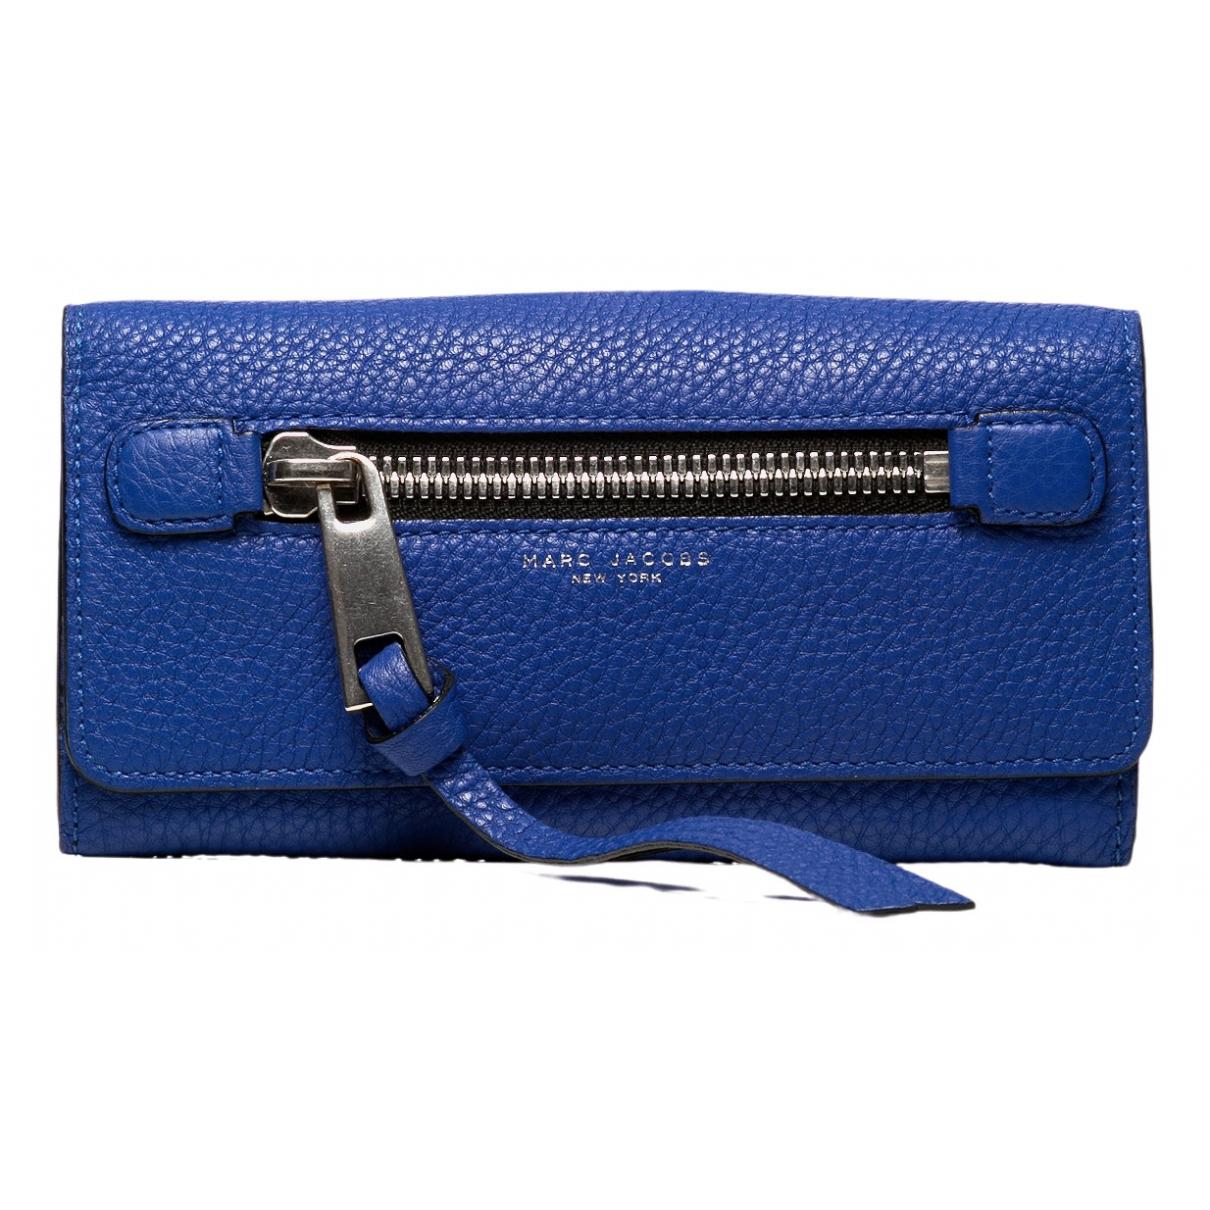 Marc Jacobs - Portefeuille   pour femme en cuir - bleu